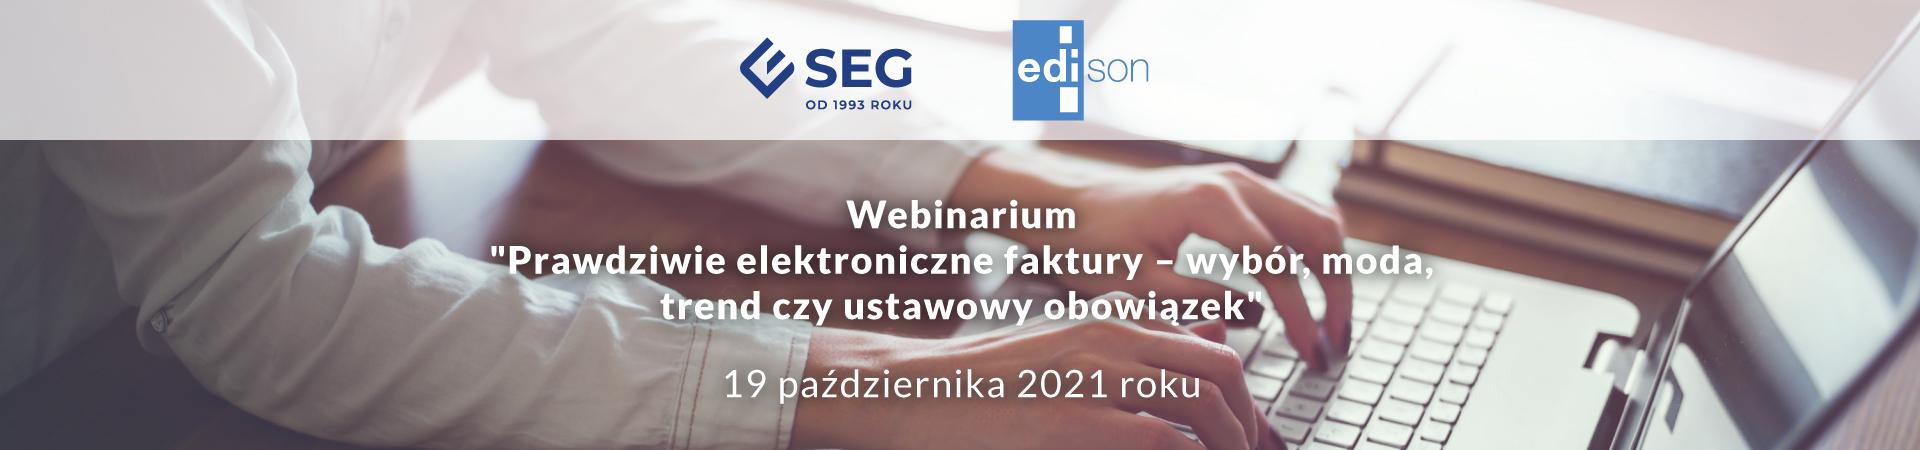 edison_www_webinar_SEG